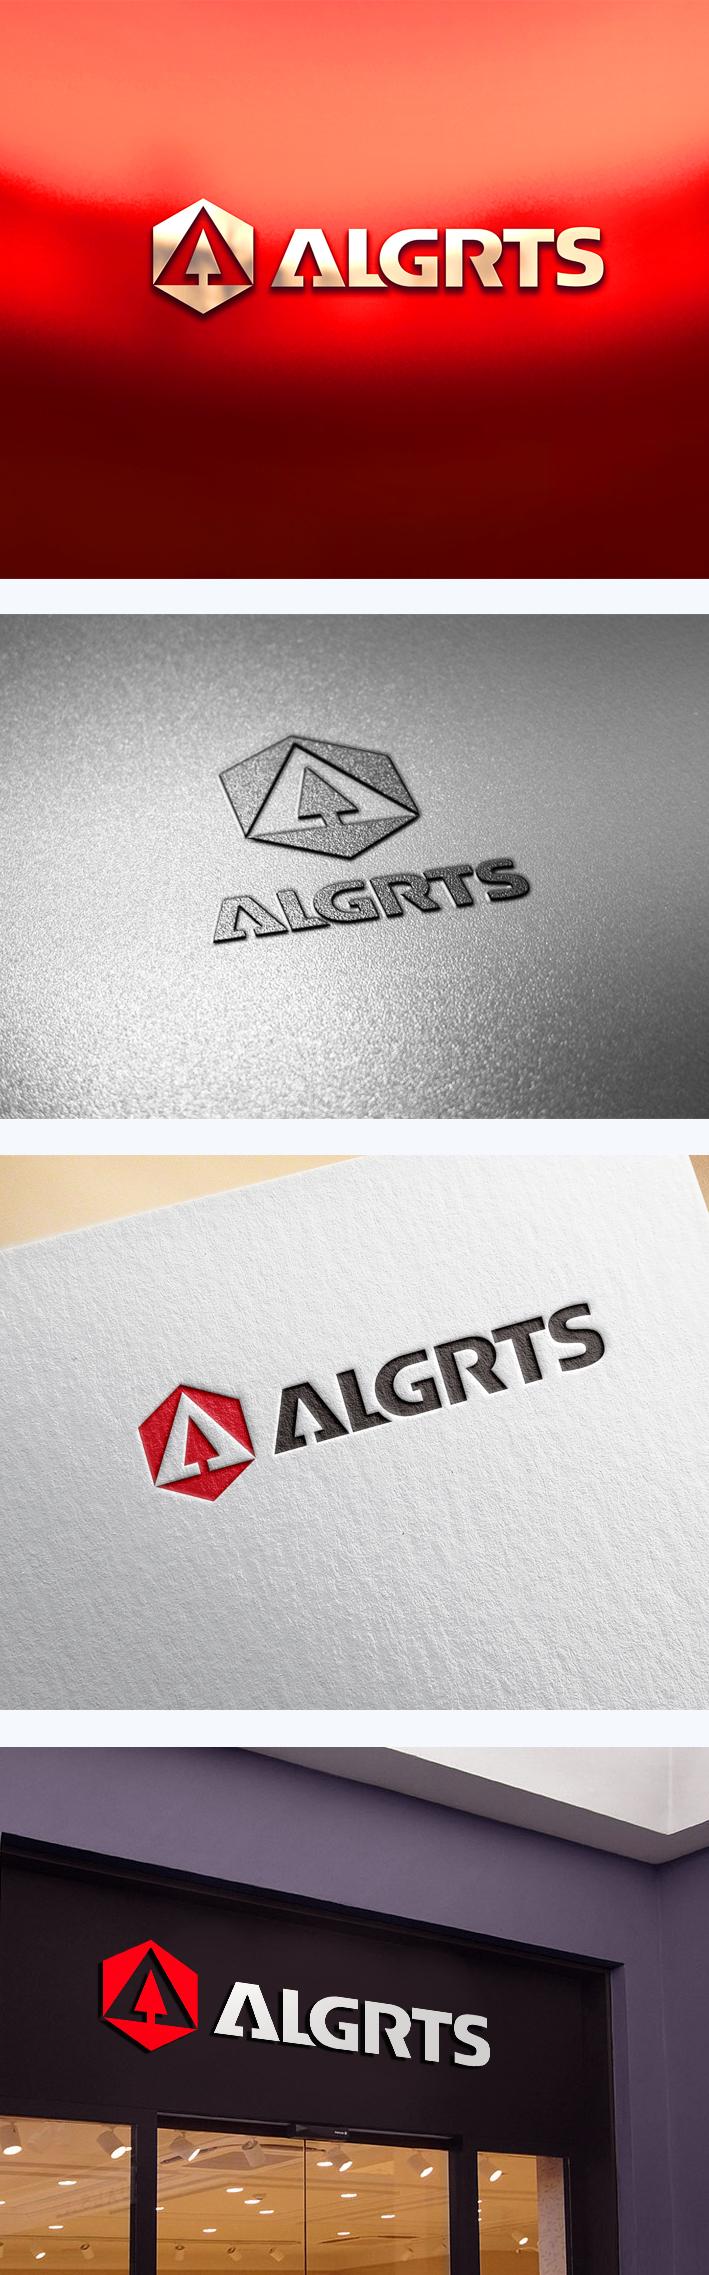 商标logo(内容有补充)_3036011_k68威客网